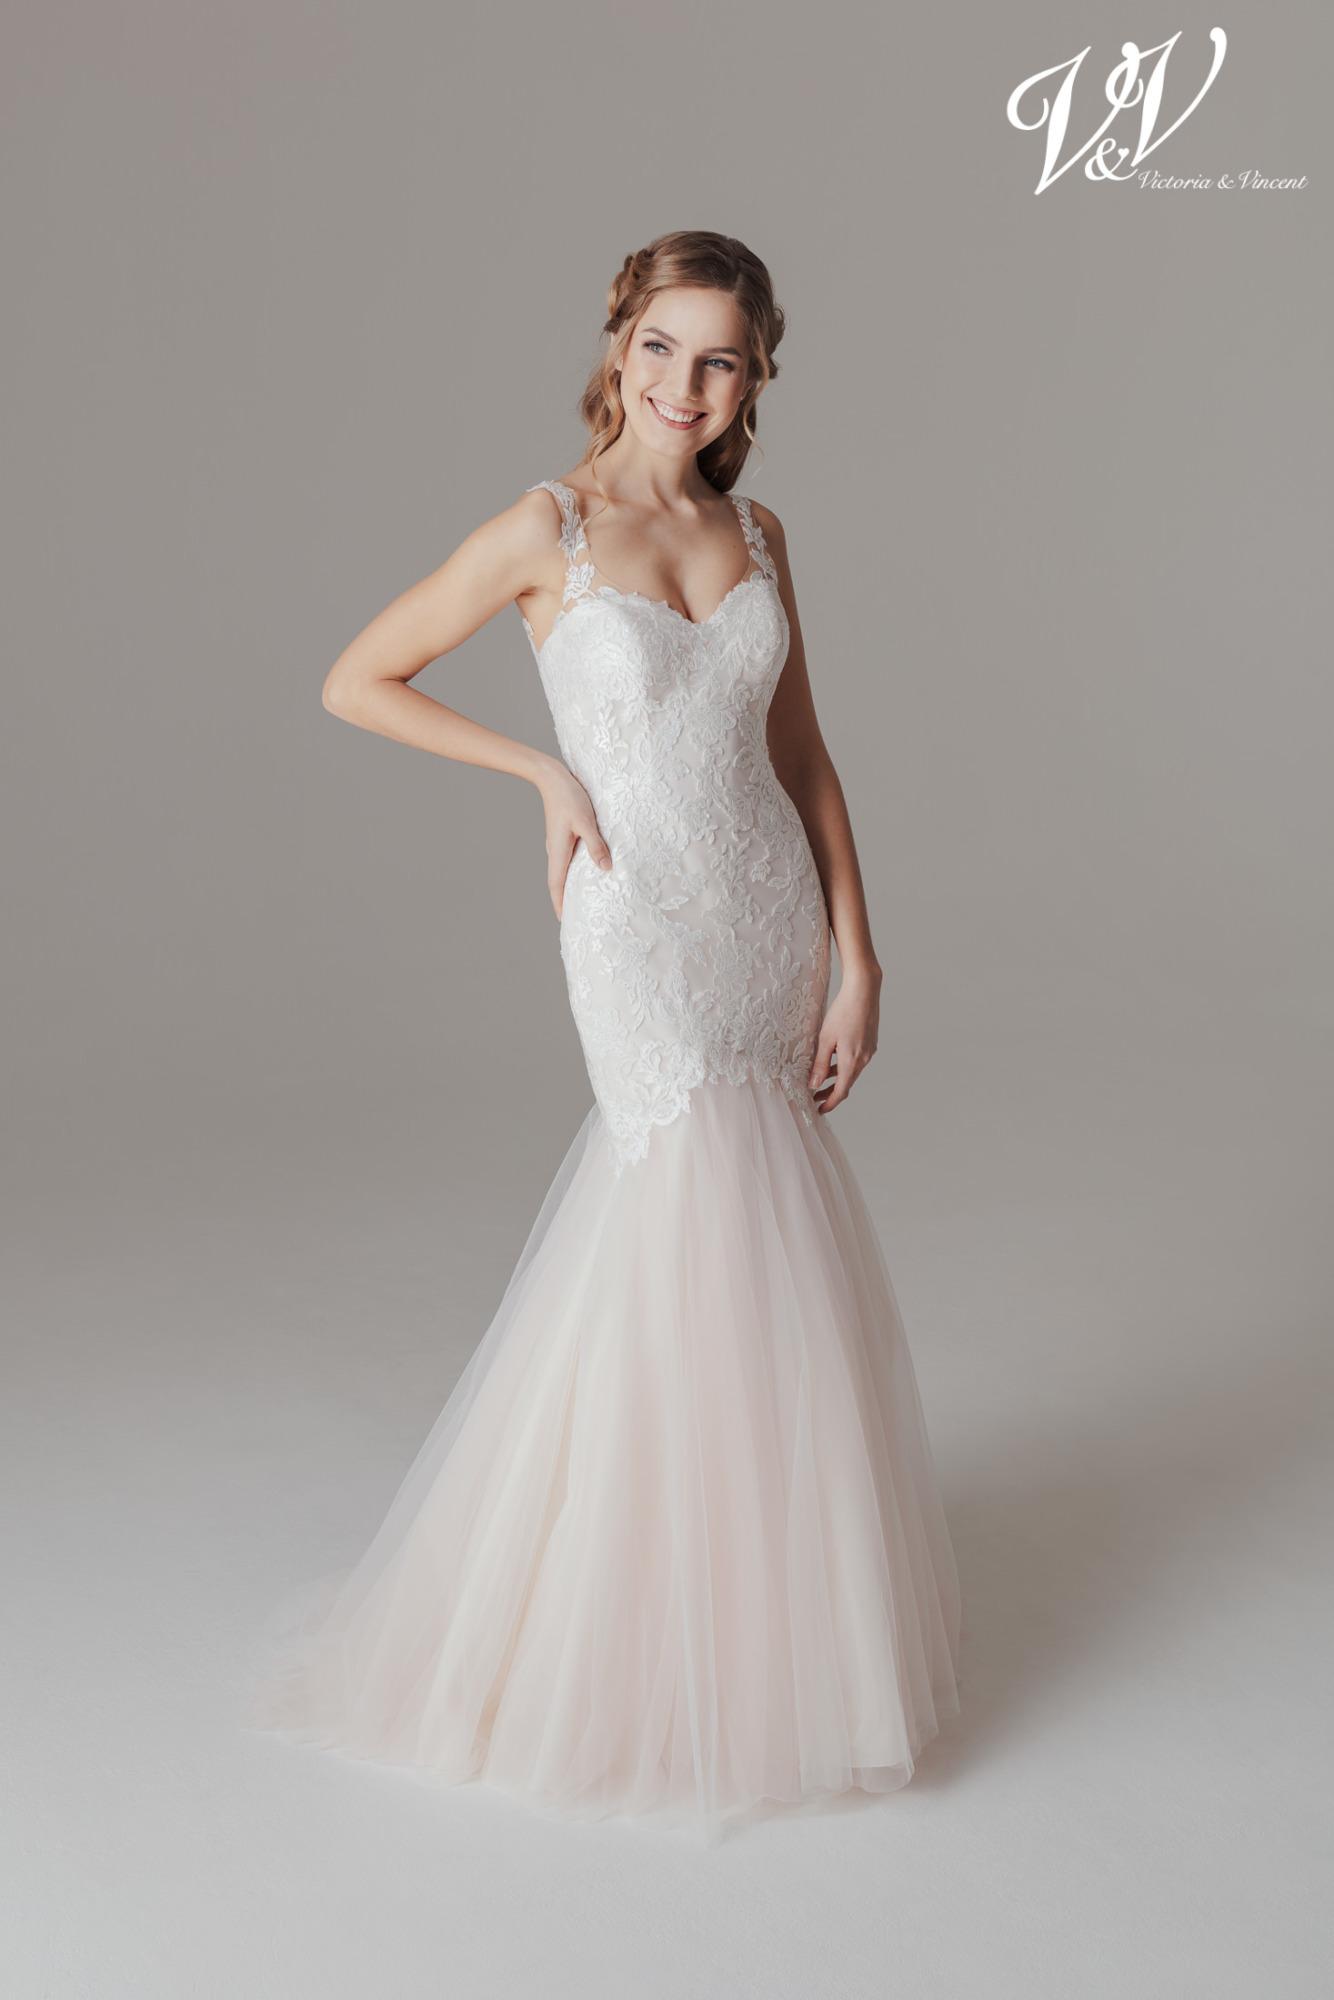 Meerjungfrau-Brautkleid. Ein Meerjungfrau-Hochzeitskleid mit Herzausschnitt und offenem Rücken.